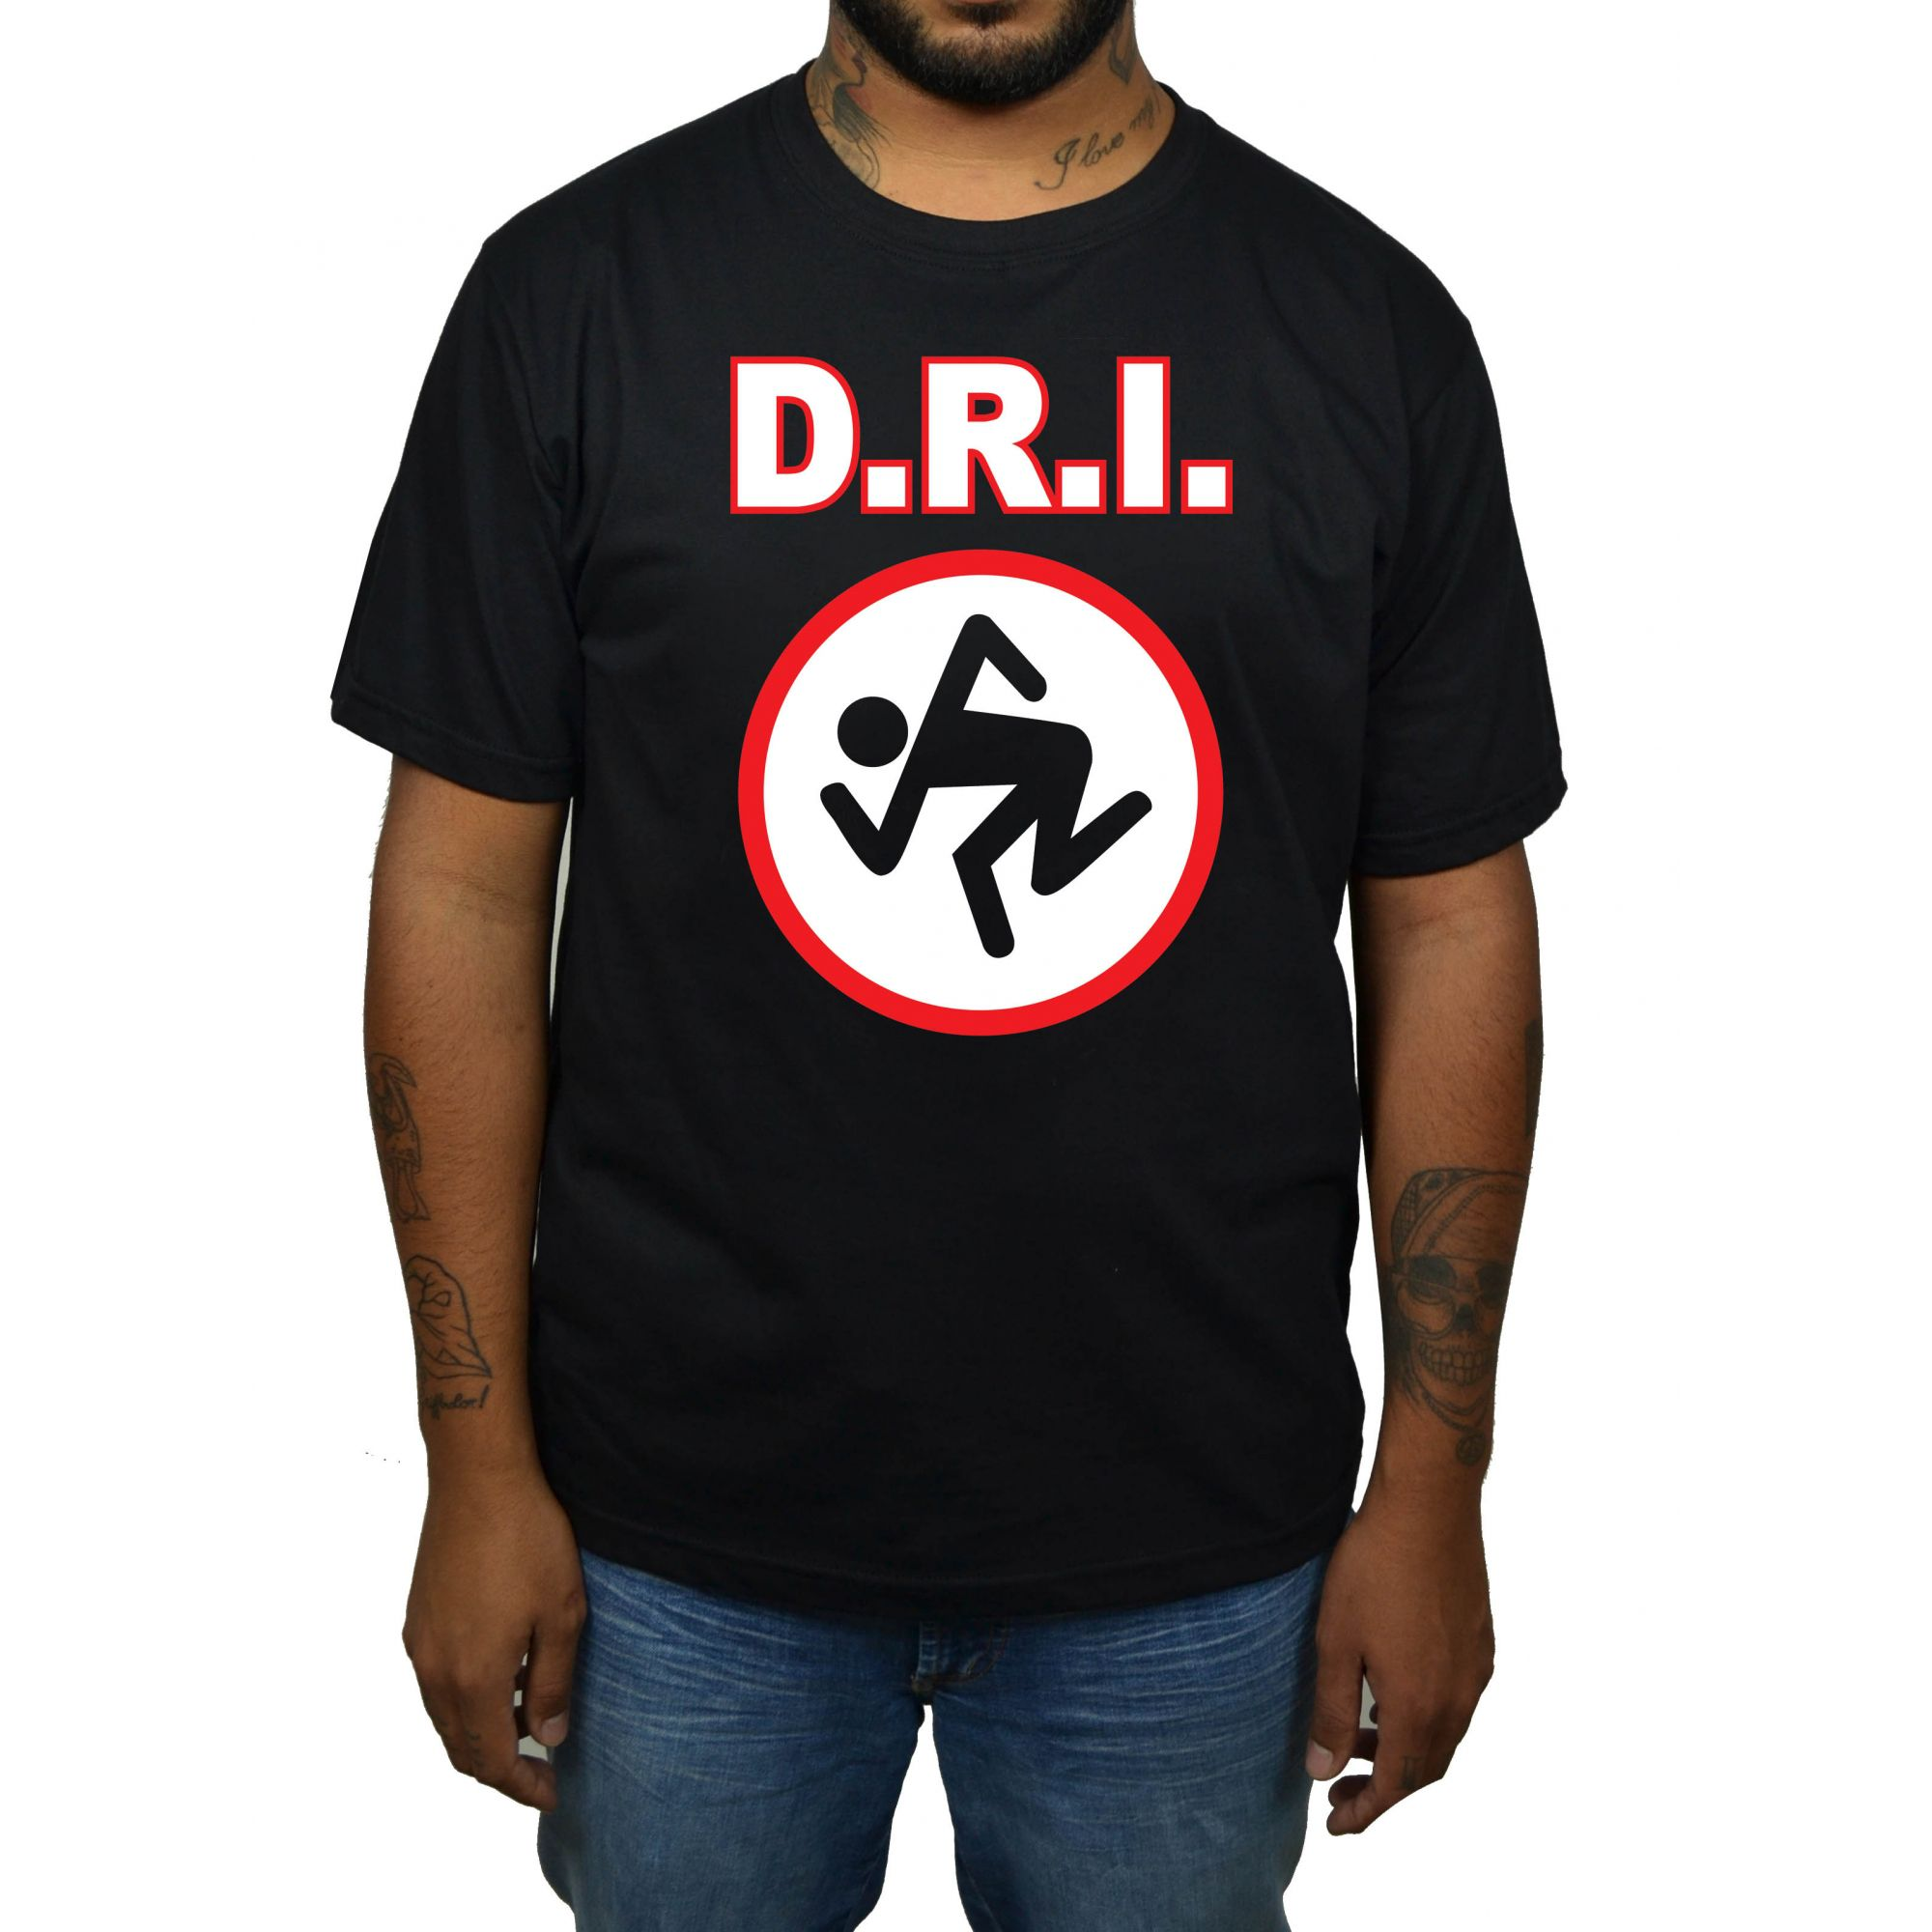 Camiseta DRI - Preta  - HShop